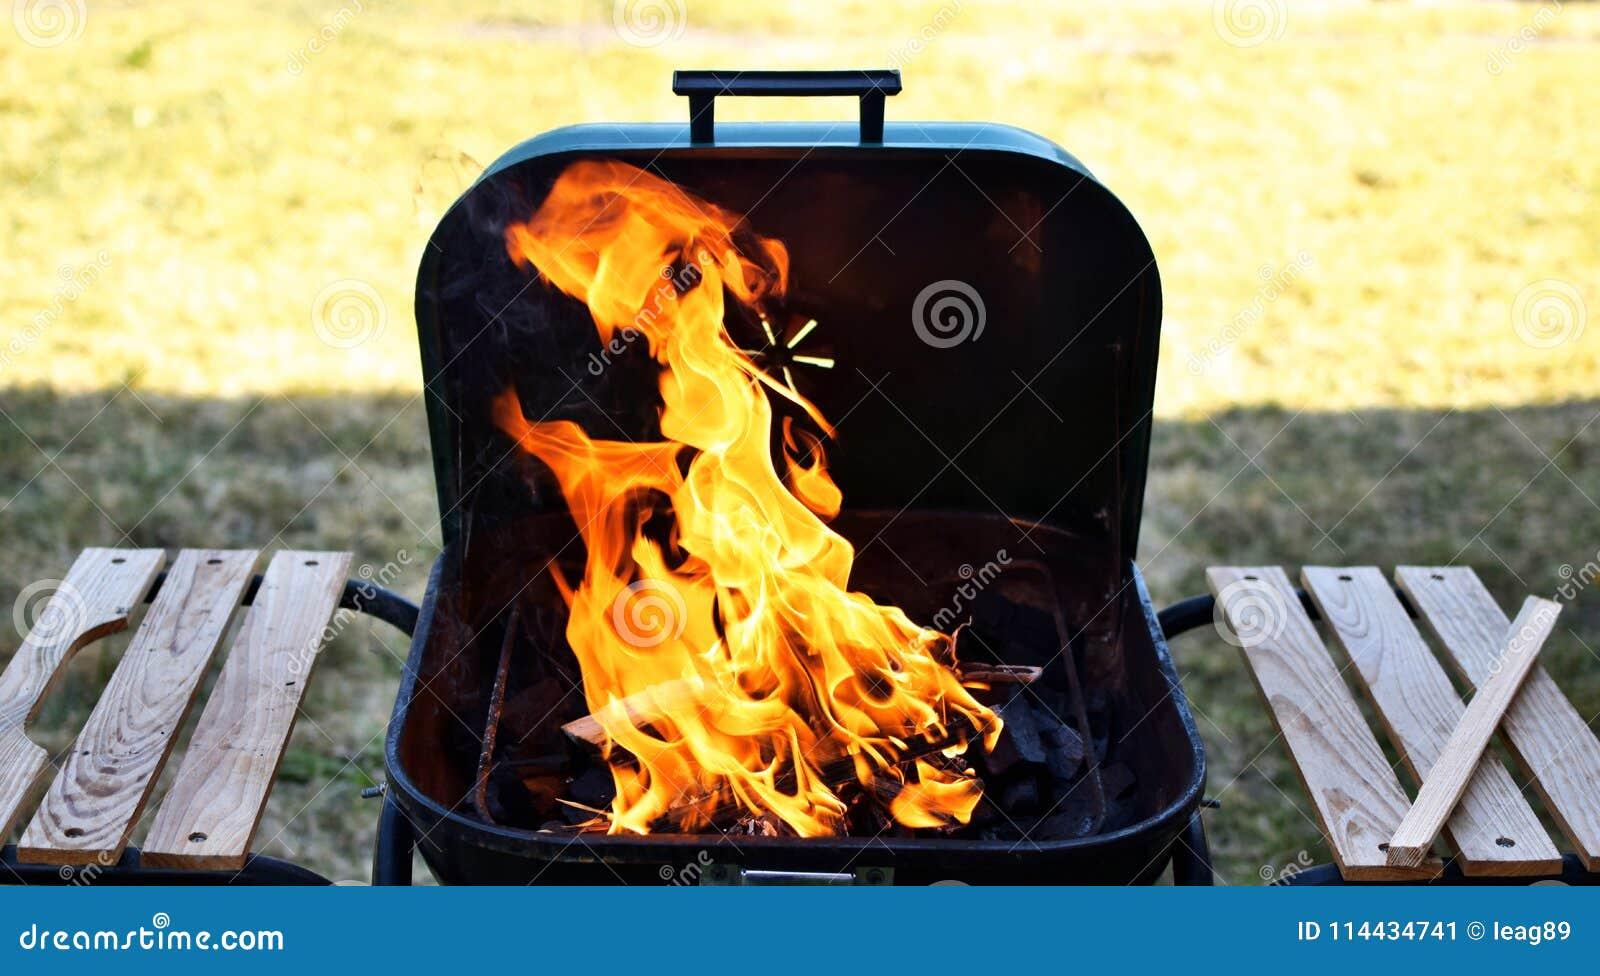 Pusty płomienny grill z otwierał ogień